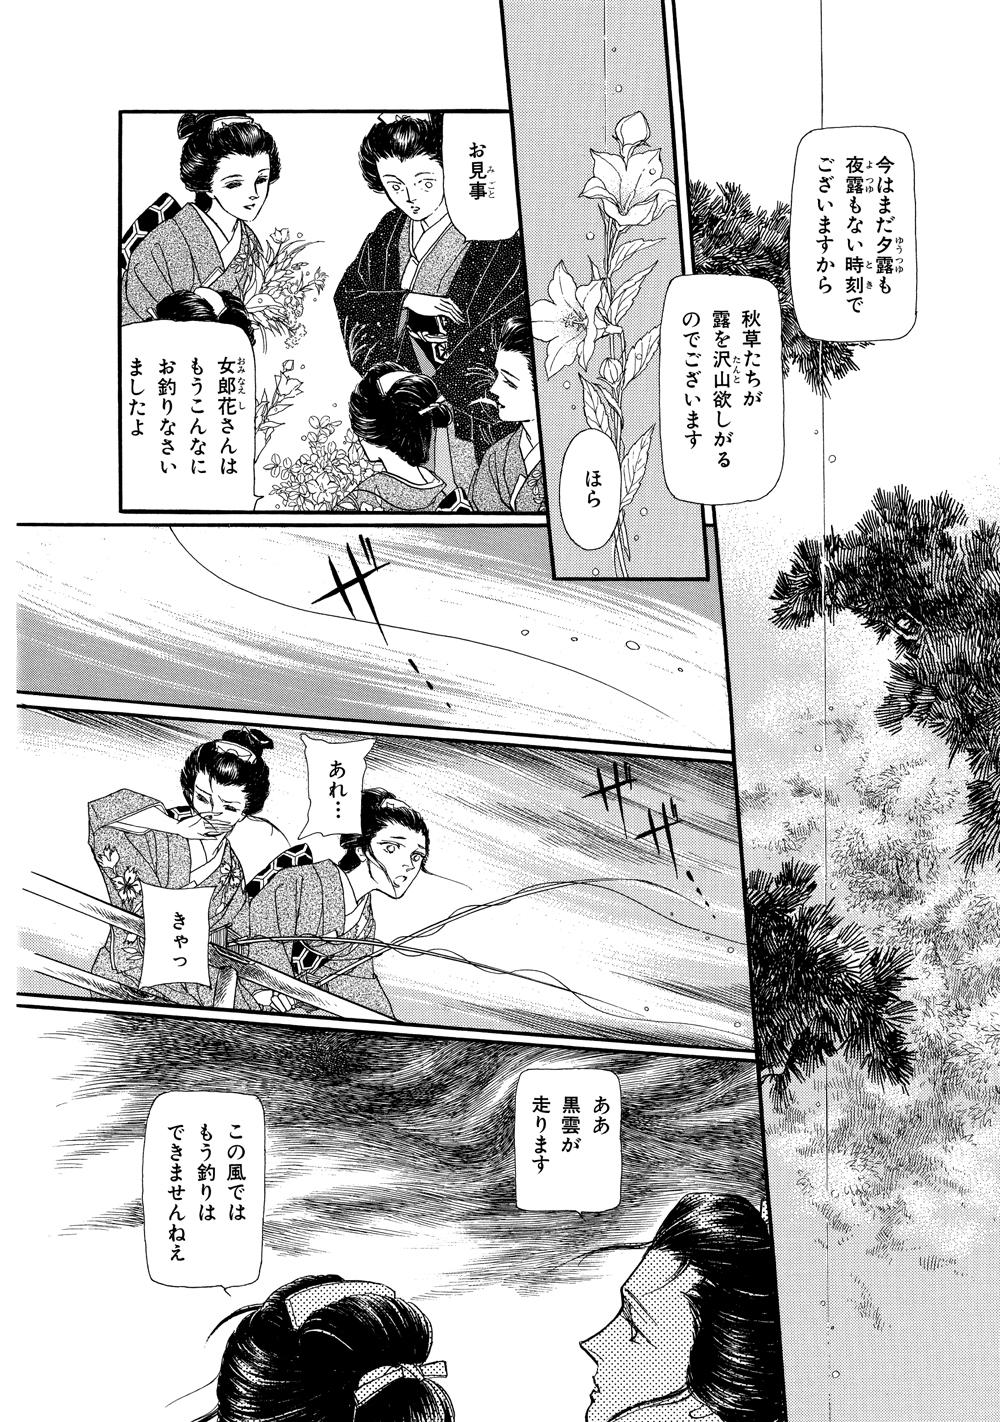 鏡花夢幻01_010.jpg